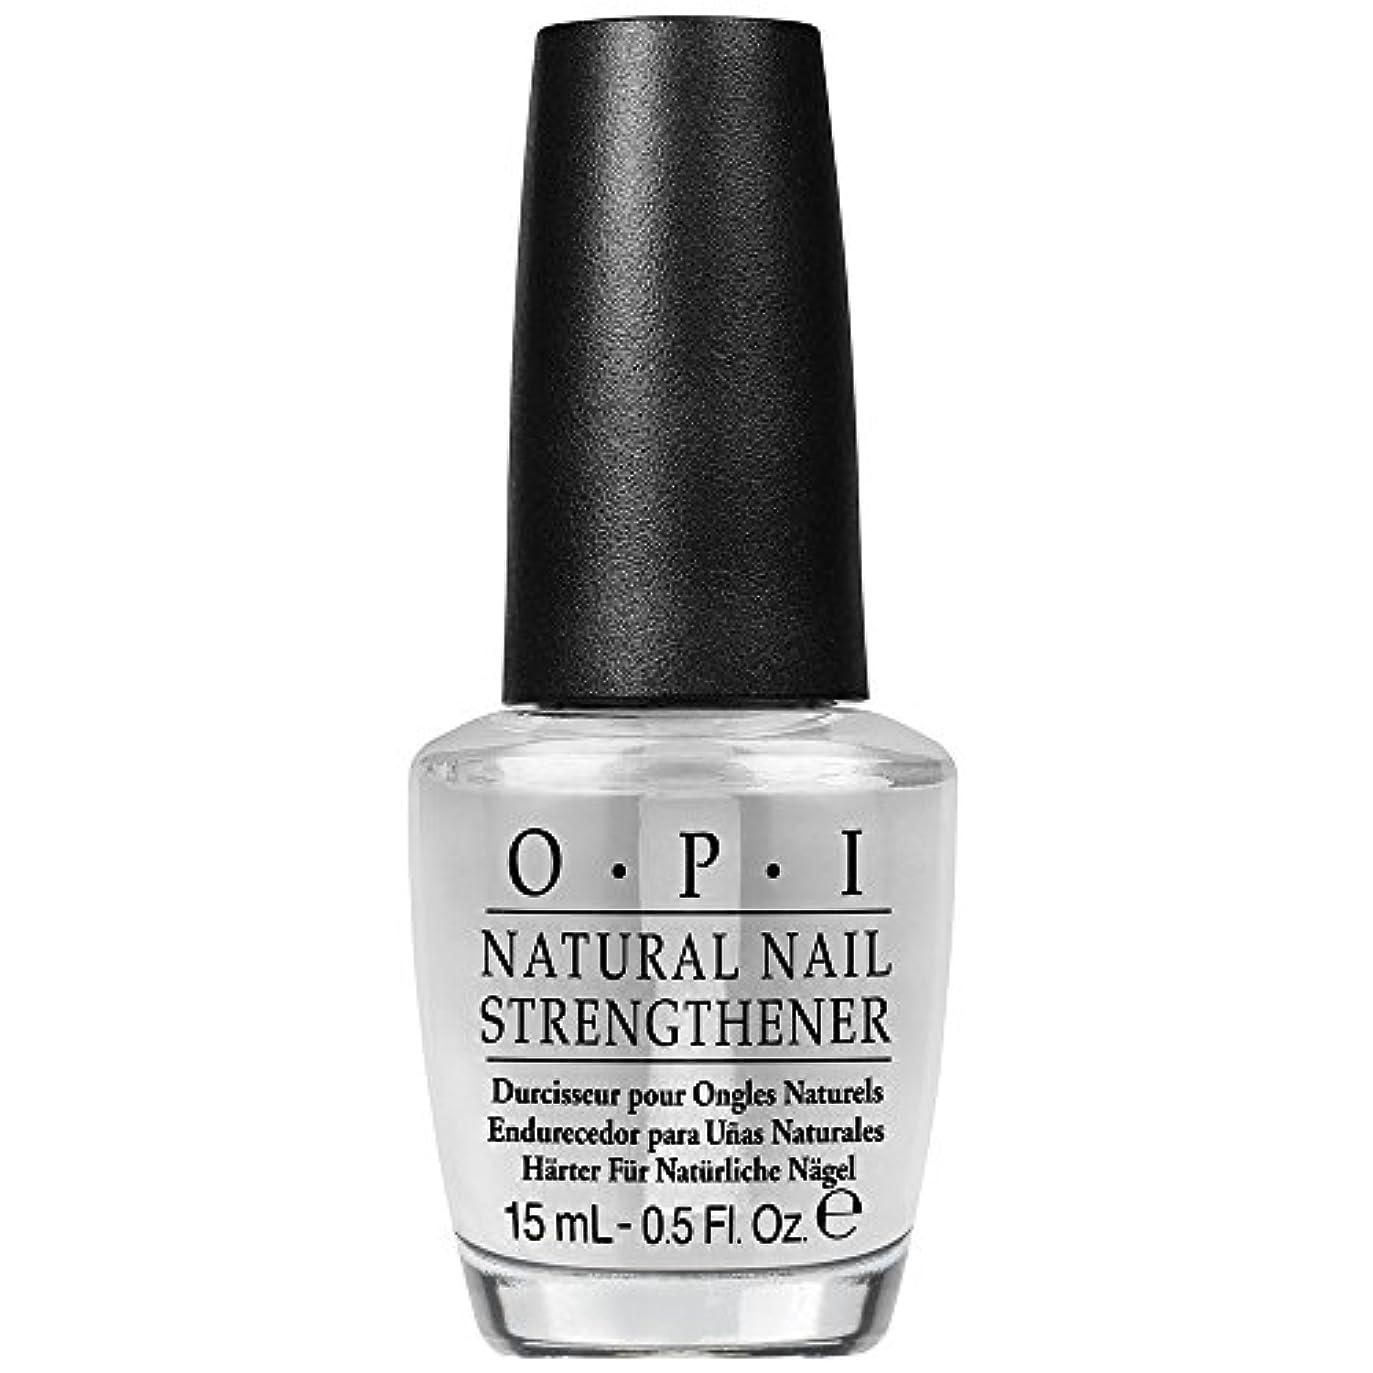 素晴らしさ賭けの間にOPI(オーピーアイ) ナチュラルネイルストレンスナー 単品